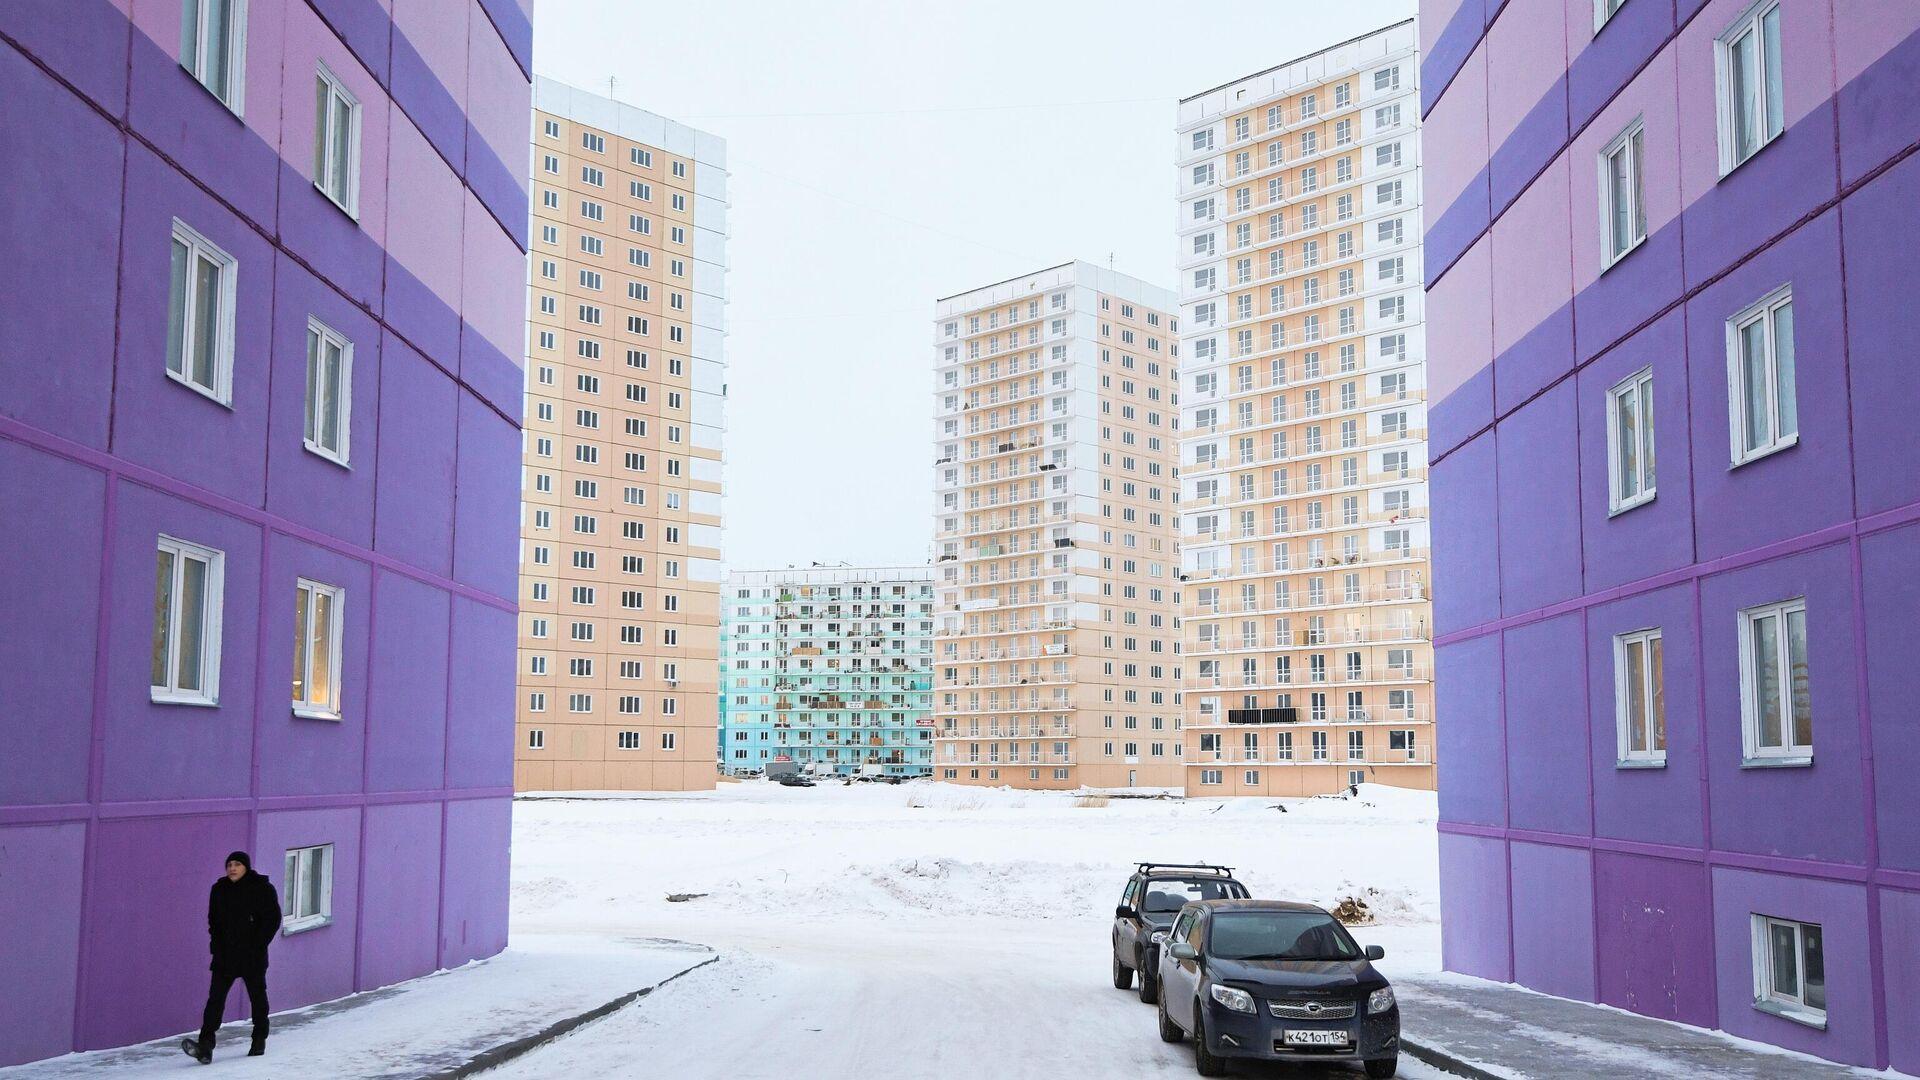 Многоэтажные панельные дома в строящемся жилом комплексе - РИА Новости, 1920, 08.12.2020